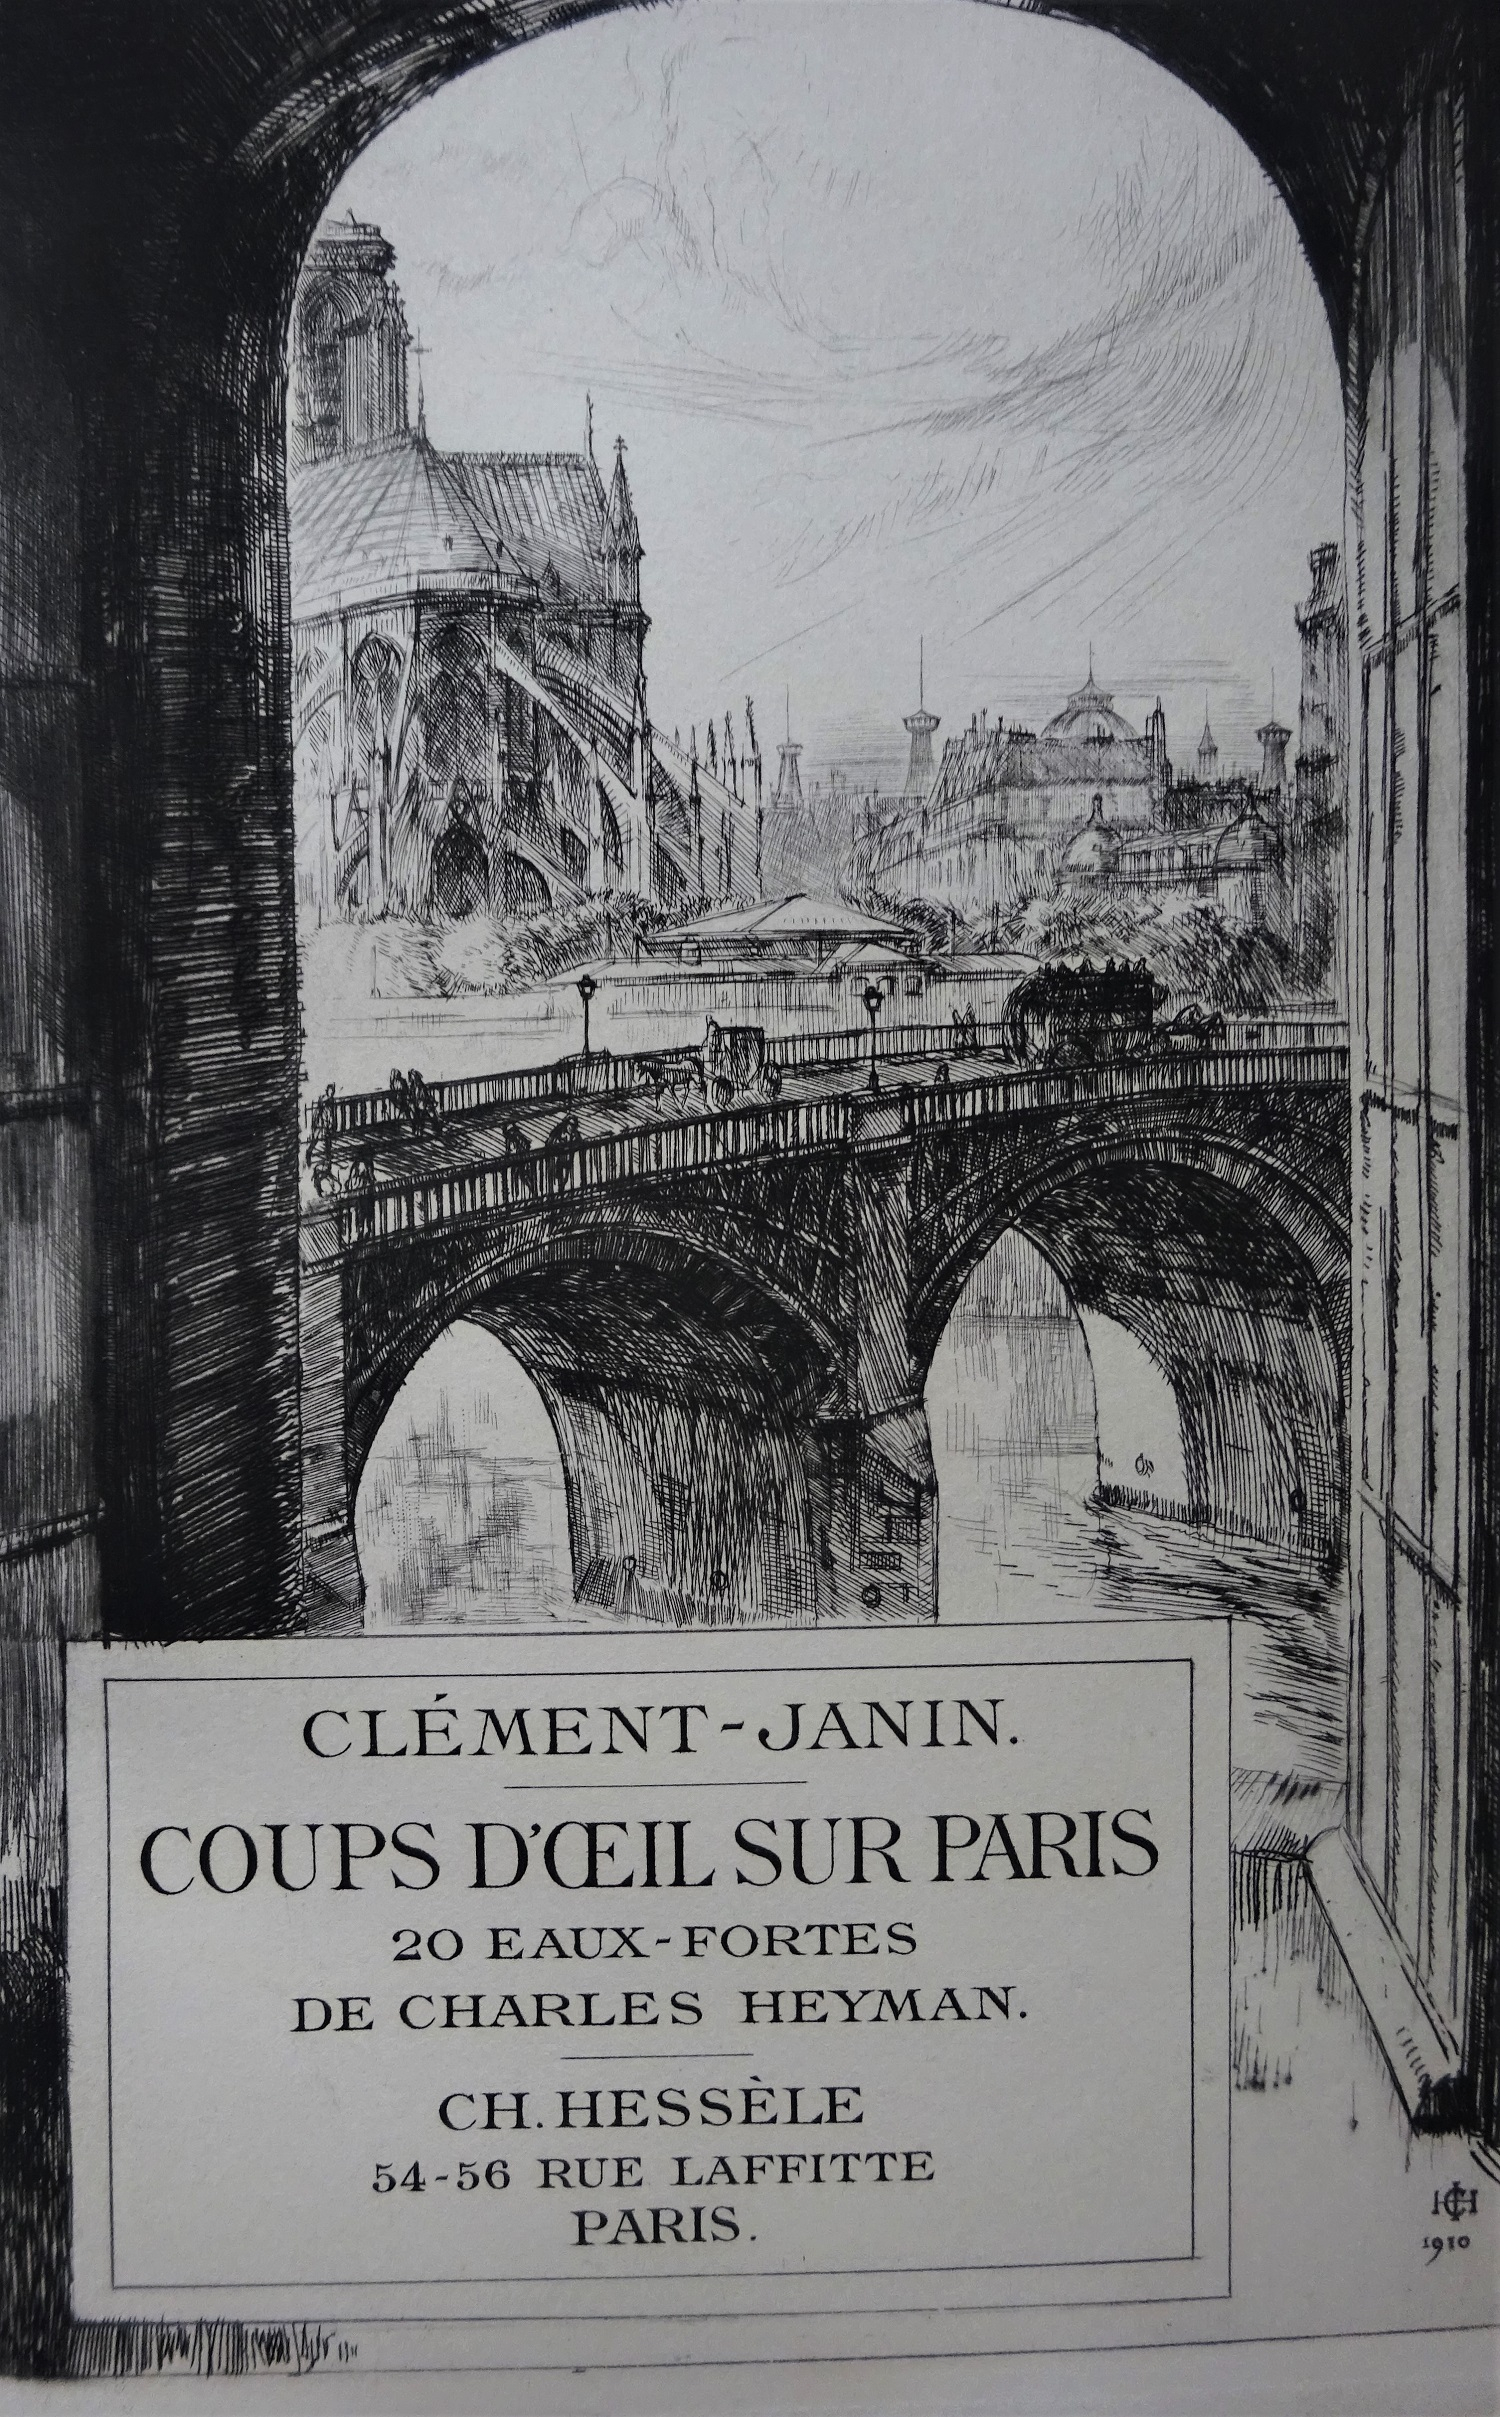 Coups d'oeil sur Paris